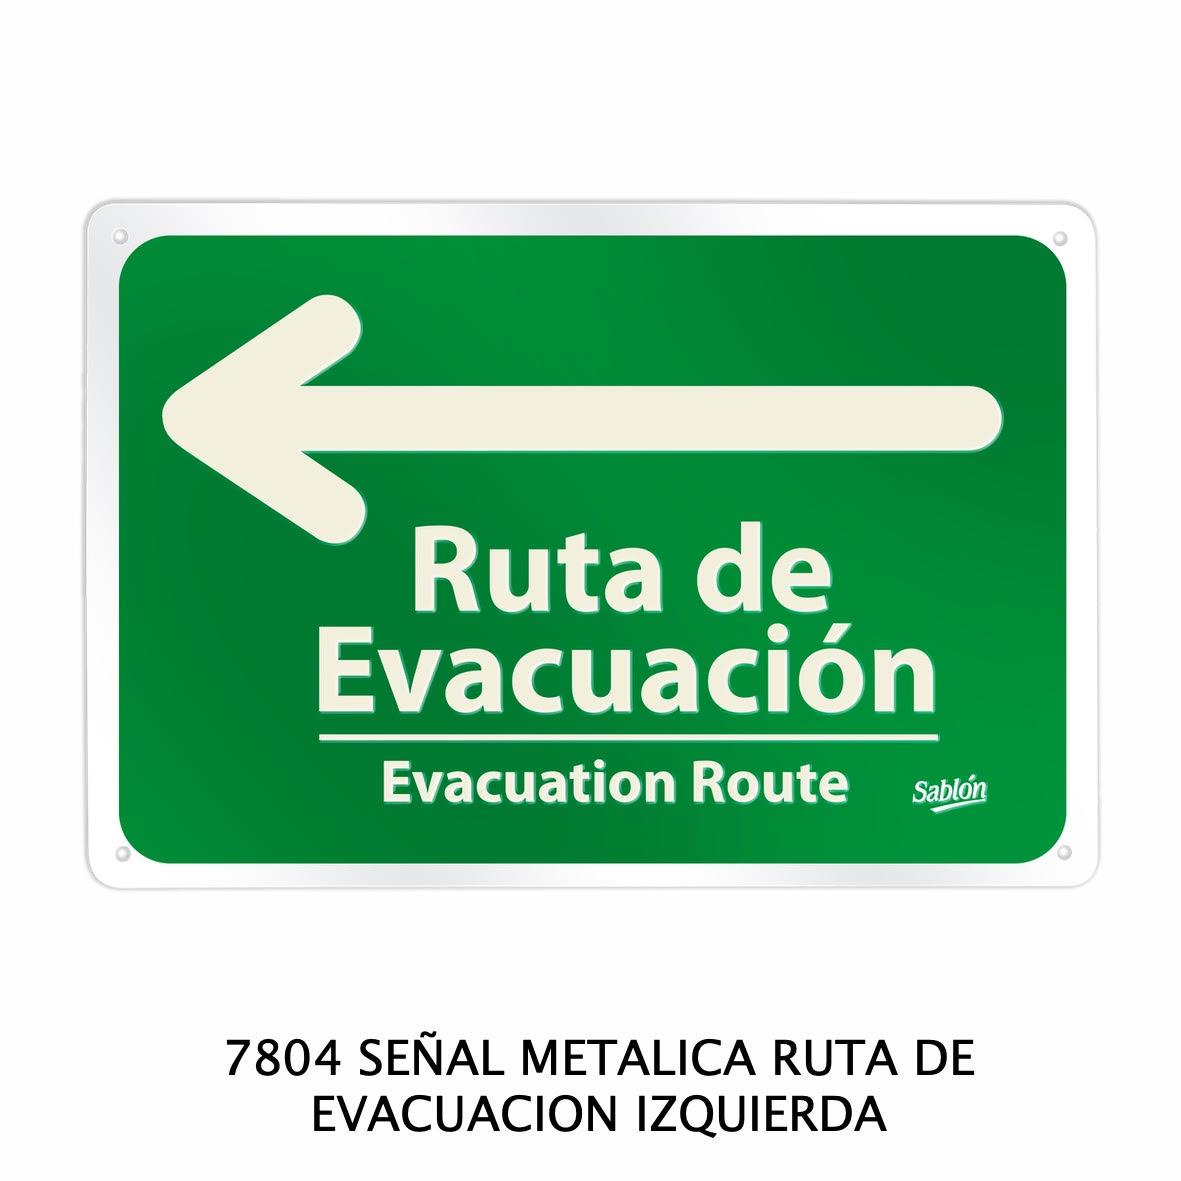 Señal metálica de ruta de evacuación izquierda modelo 7804 de Sablón